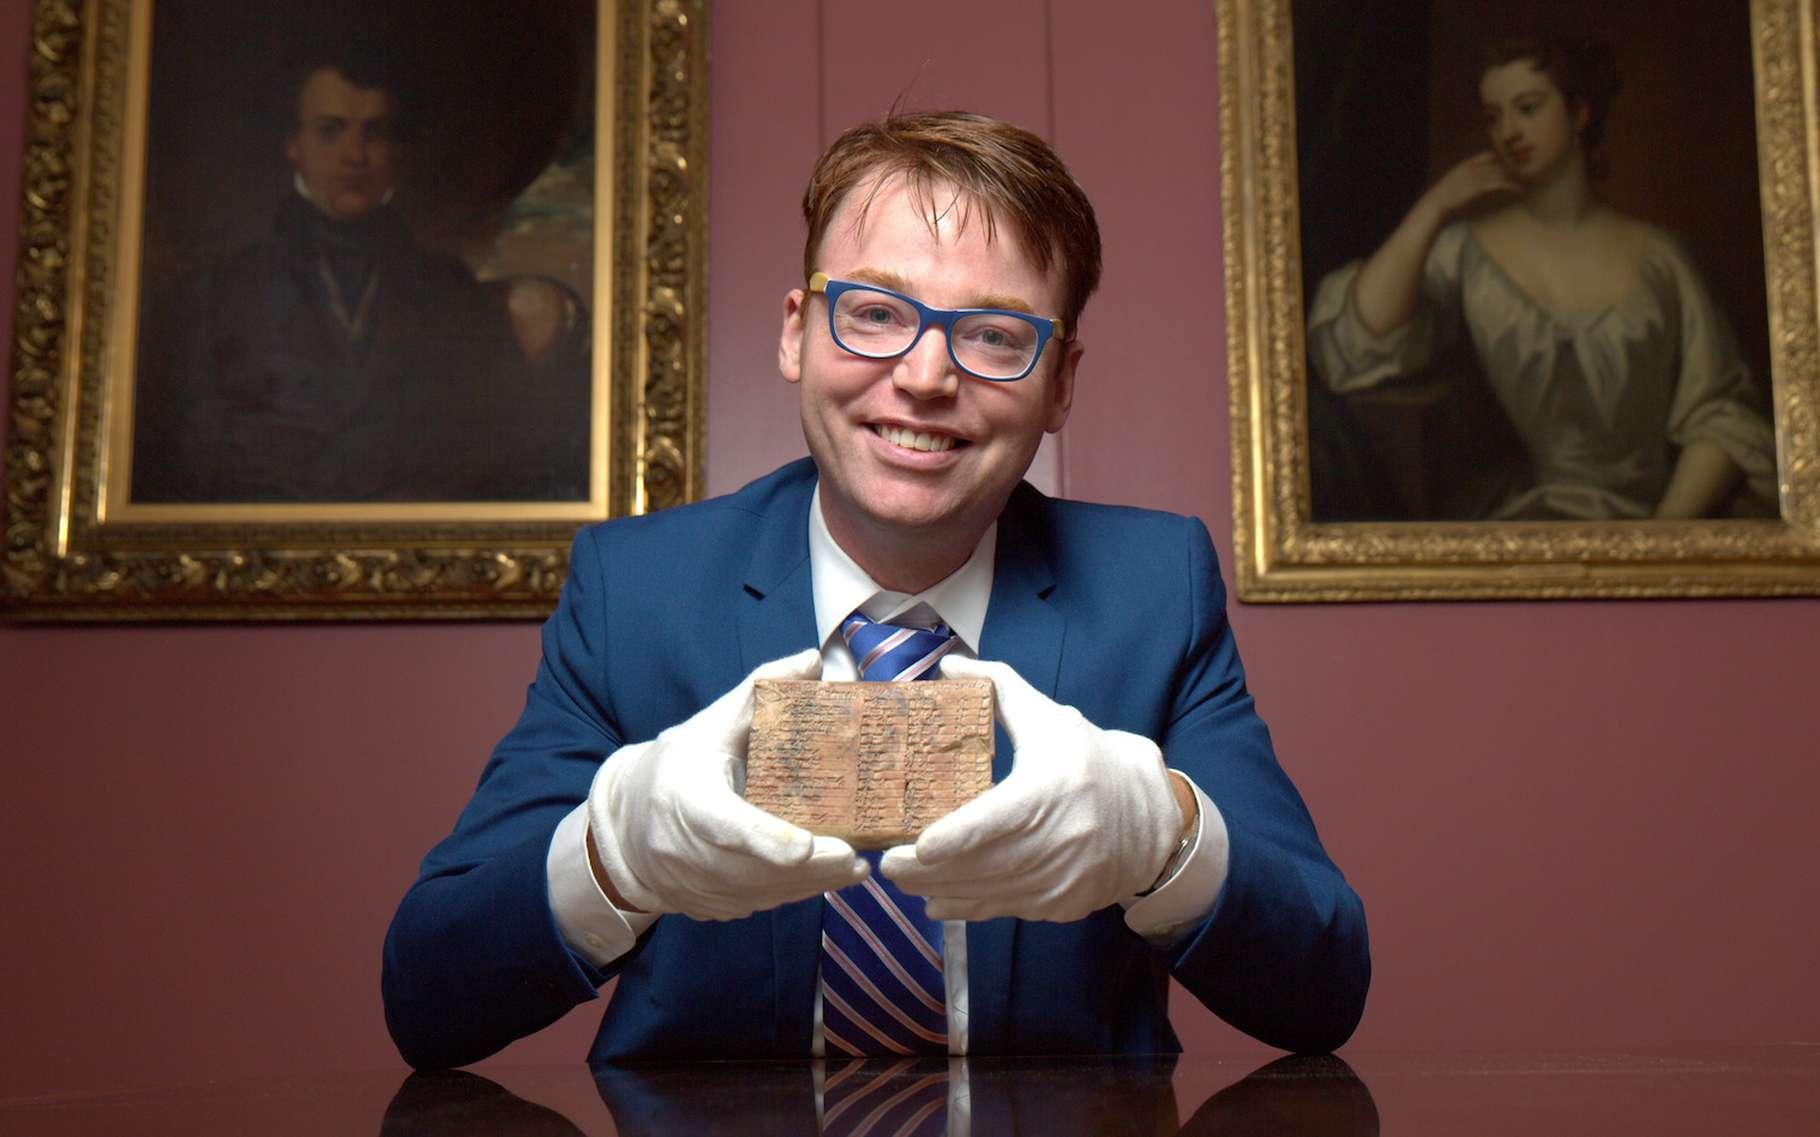 Des chercheurs australiens concluent de leur étude de la tablette Plimpton 322 que l'approche babylonienne de la trigonométrie était bien plus simple que la nôtre. © Daniel Mansfield, université de Nouvelle-Galles du Sud